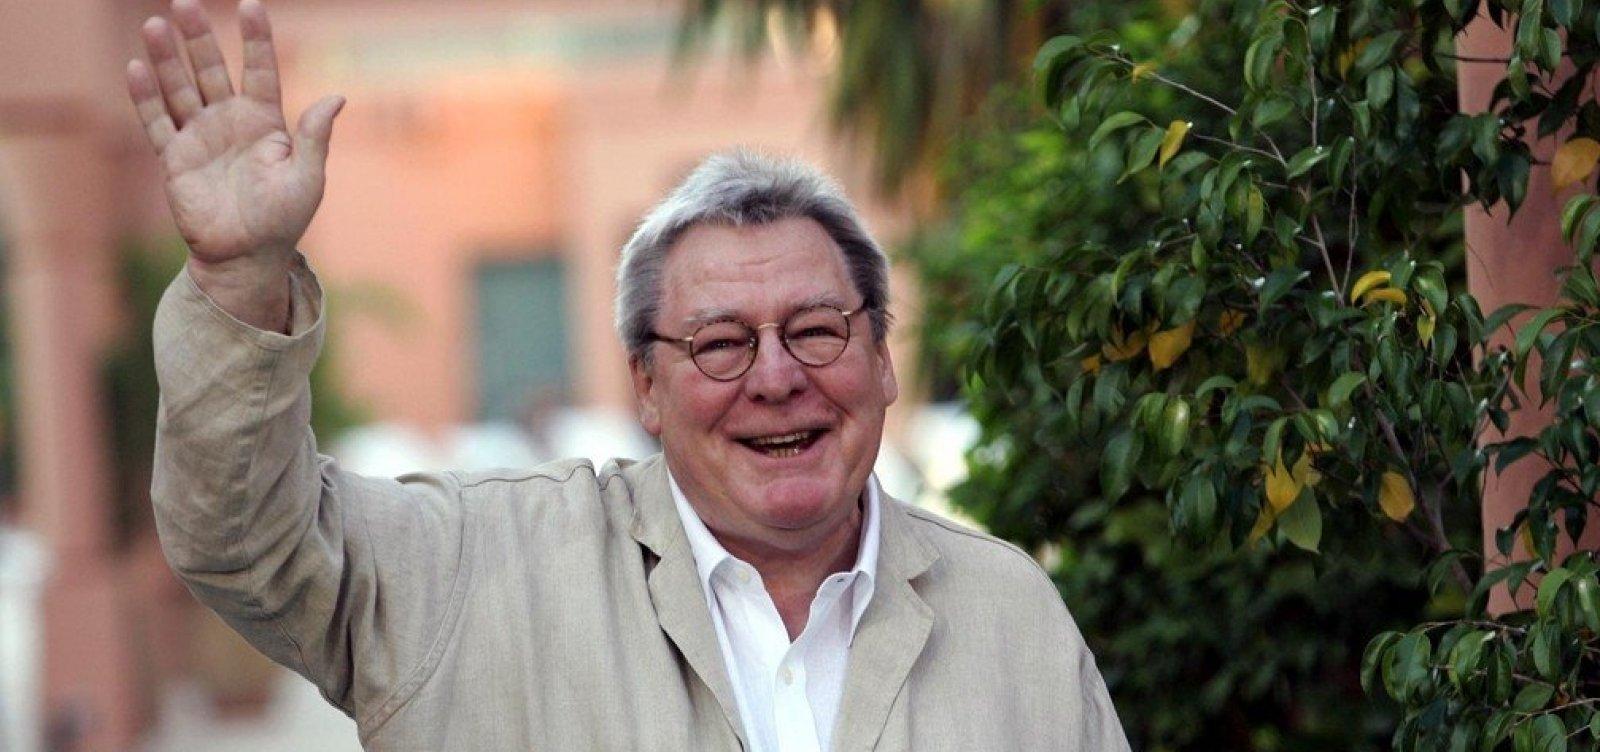 Diretor de 'Expresso da Meia-Noite', Alan Parker morre aos 76 anos